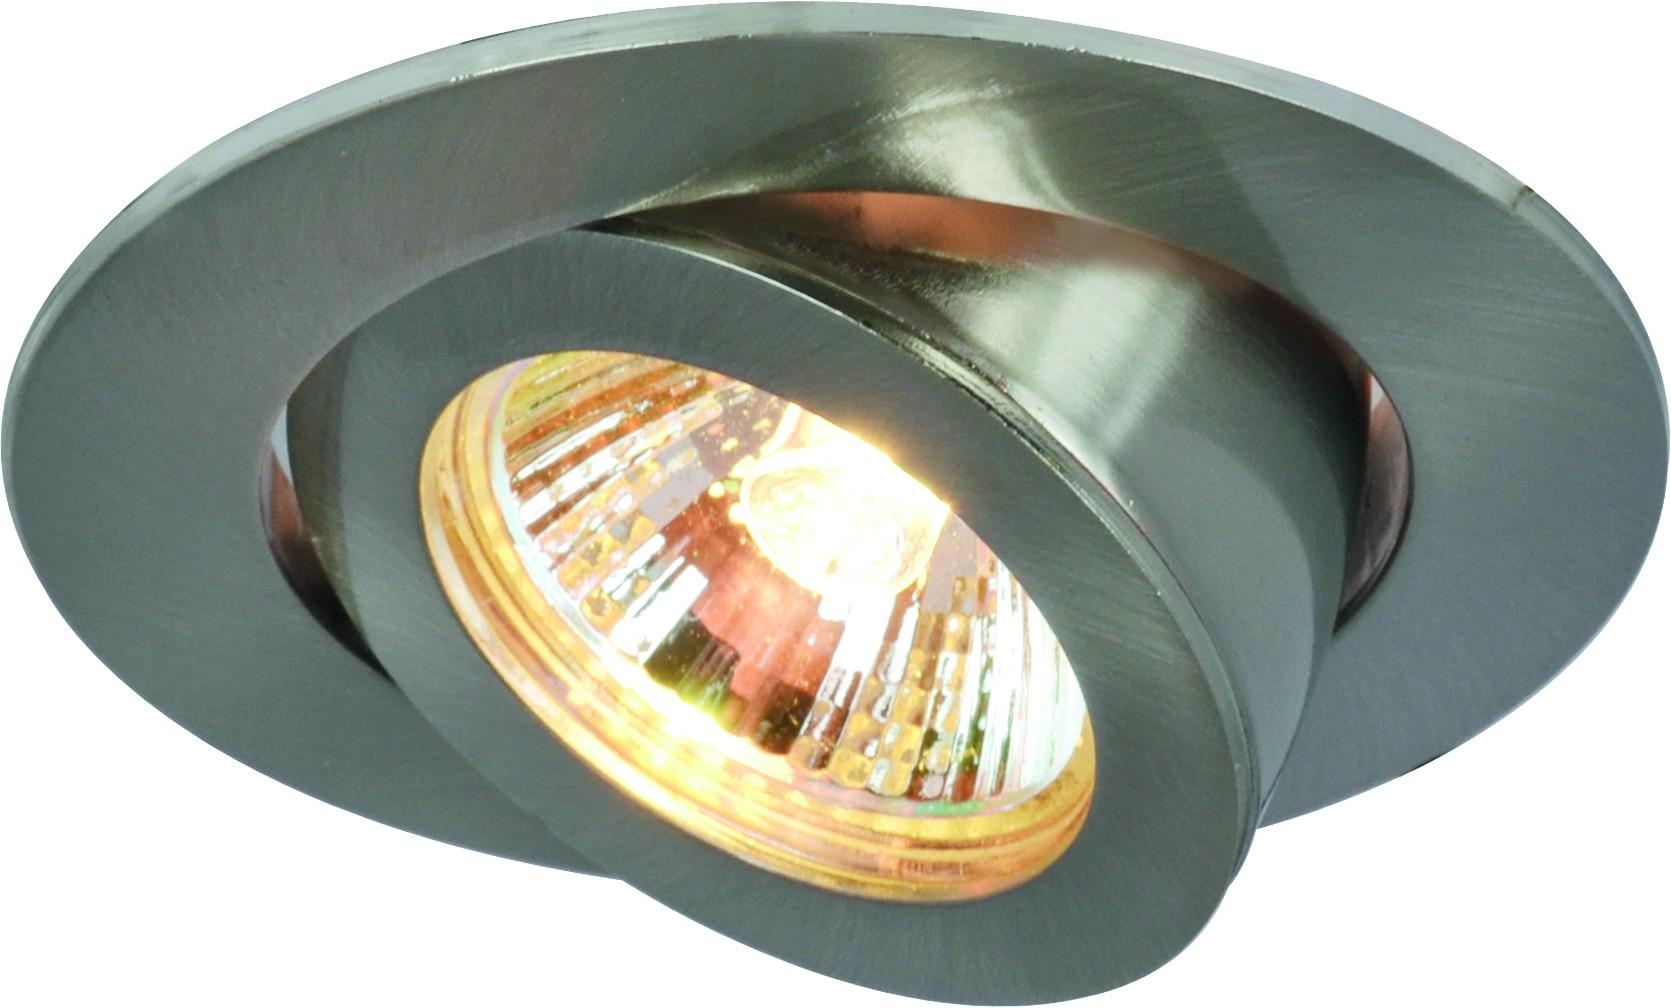 Светильник встраиваемый Arte lamp A4009pl-1ss встраиваемый спот точечный светильник arte lamp accento a3219pl 1ss